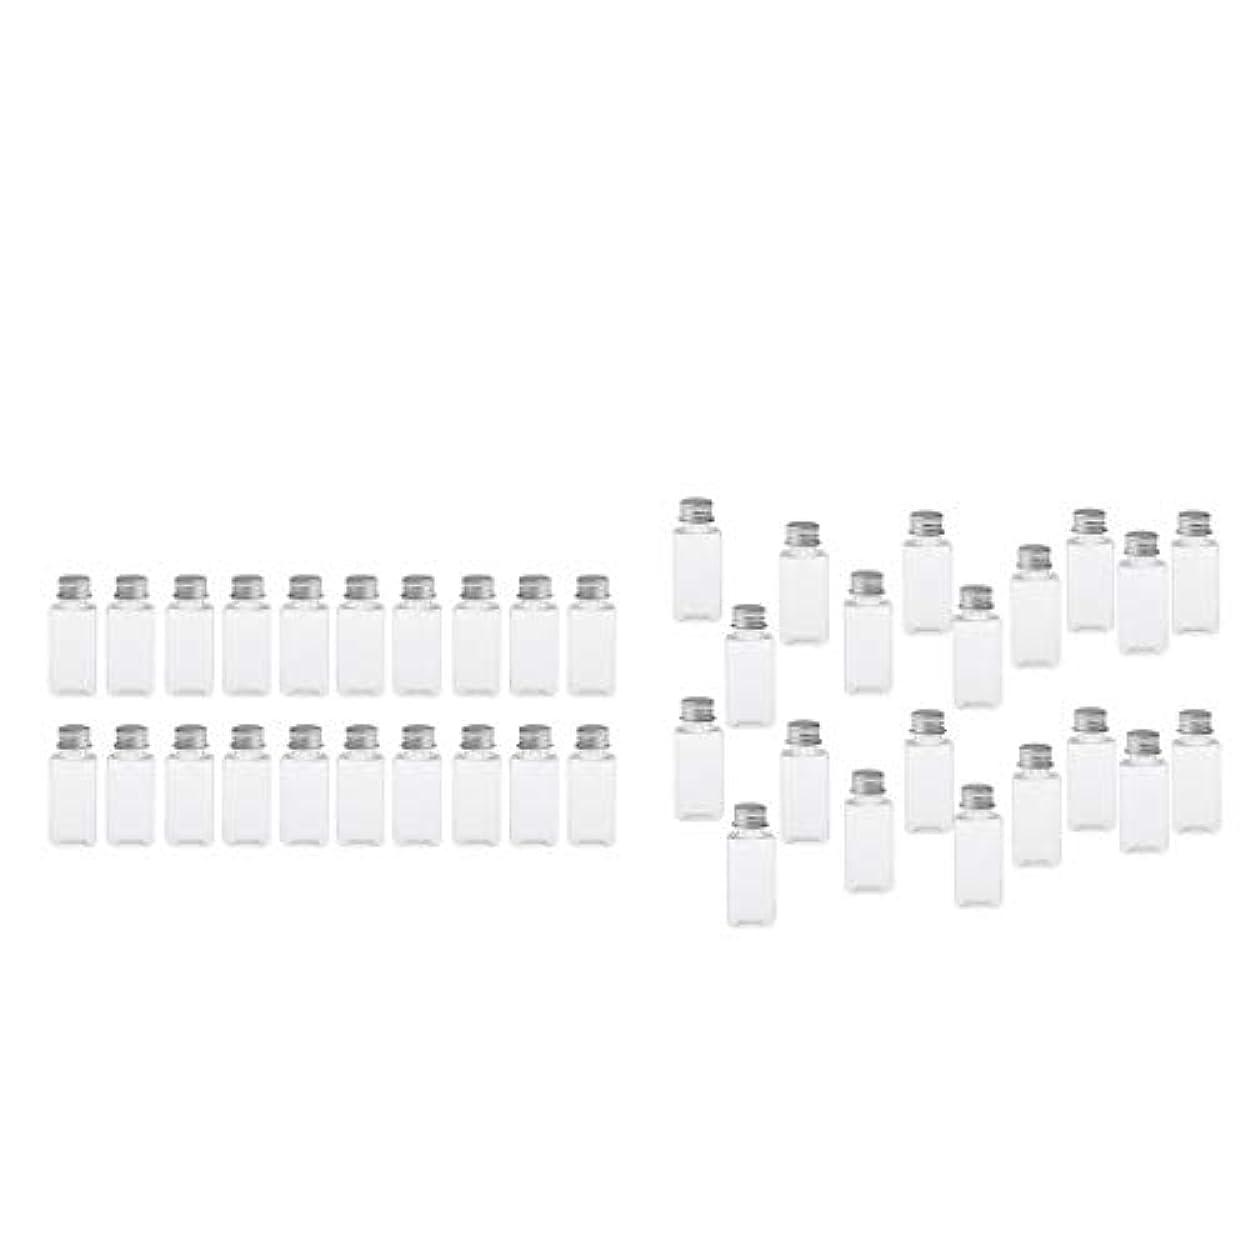 バドミントン留まるゲージT TOOYFUL 60個入り 空ボトル メイクアップボトル ローションボトル 化粧ボトル 旅行用品 全4選択 - クリア+銀(約40個)